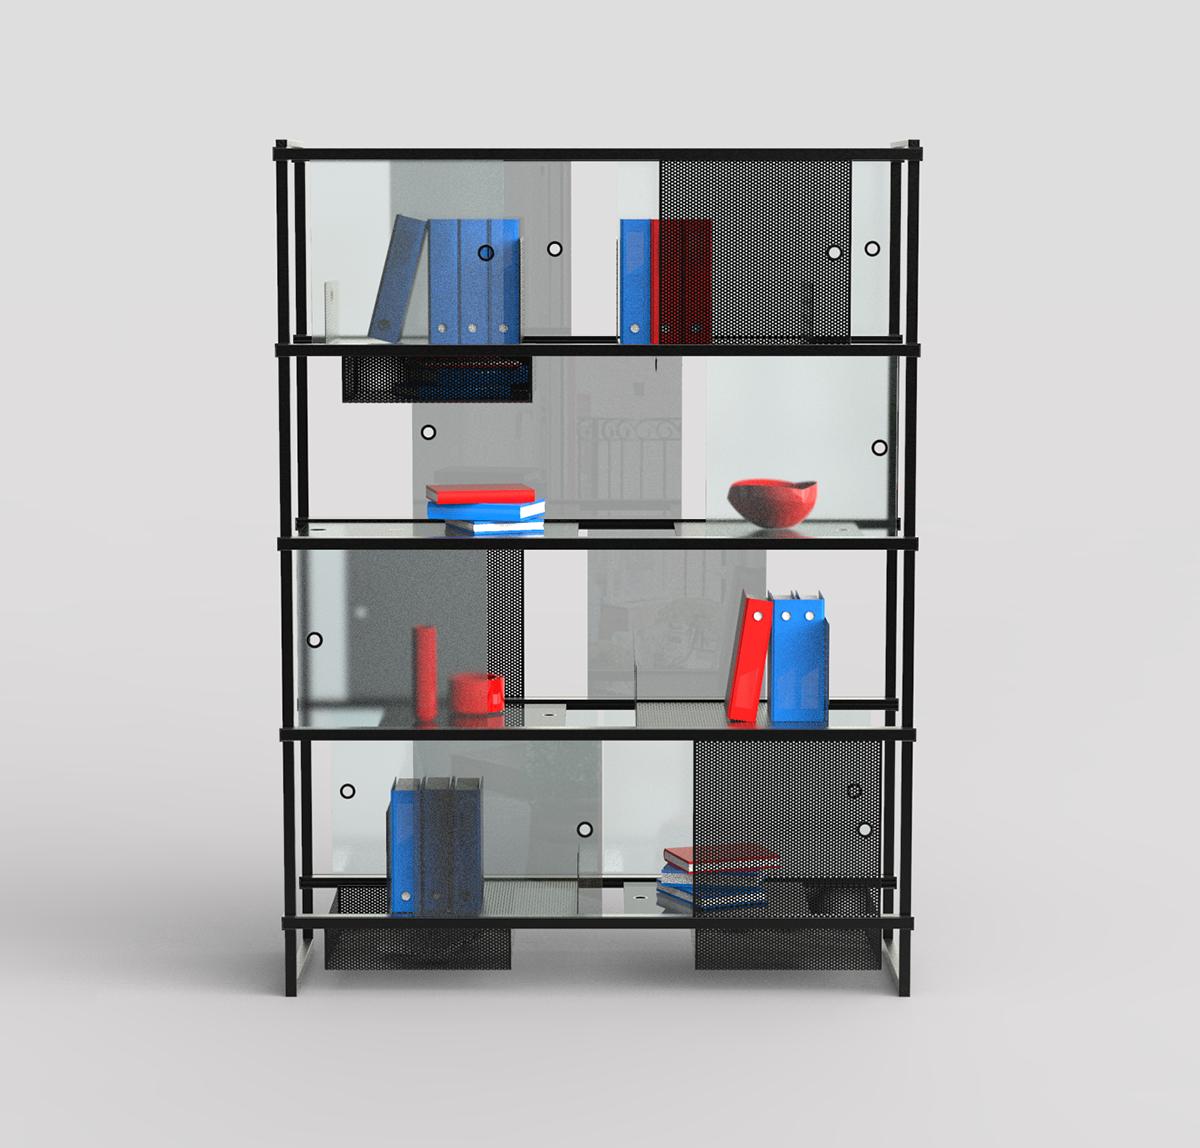 wanderlust_cabinet_adventurer_black_modular_leandra-eibl_ventura_salone_del_mobile_milan_design_week_1.png